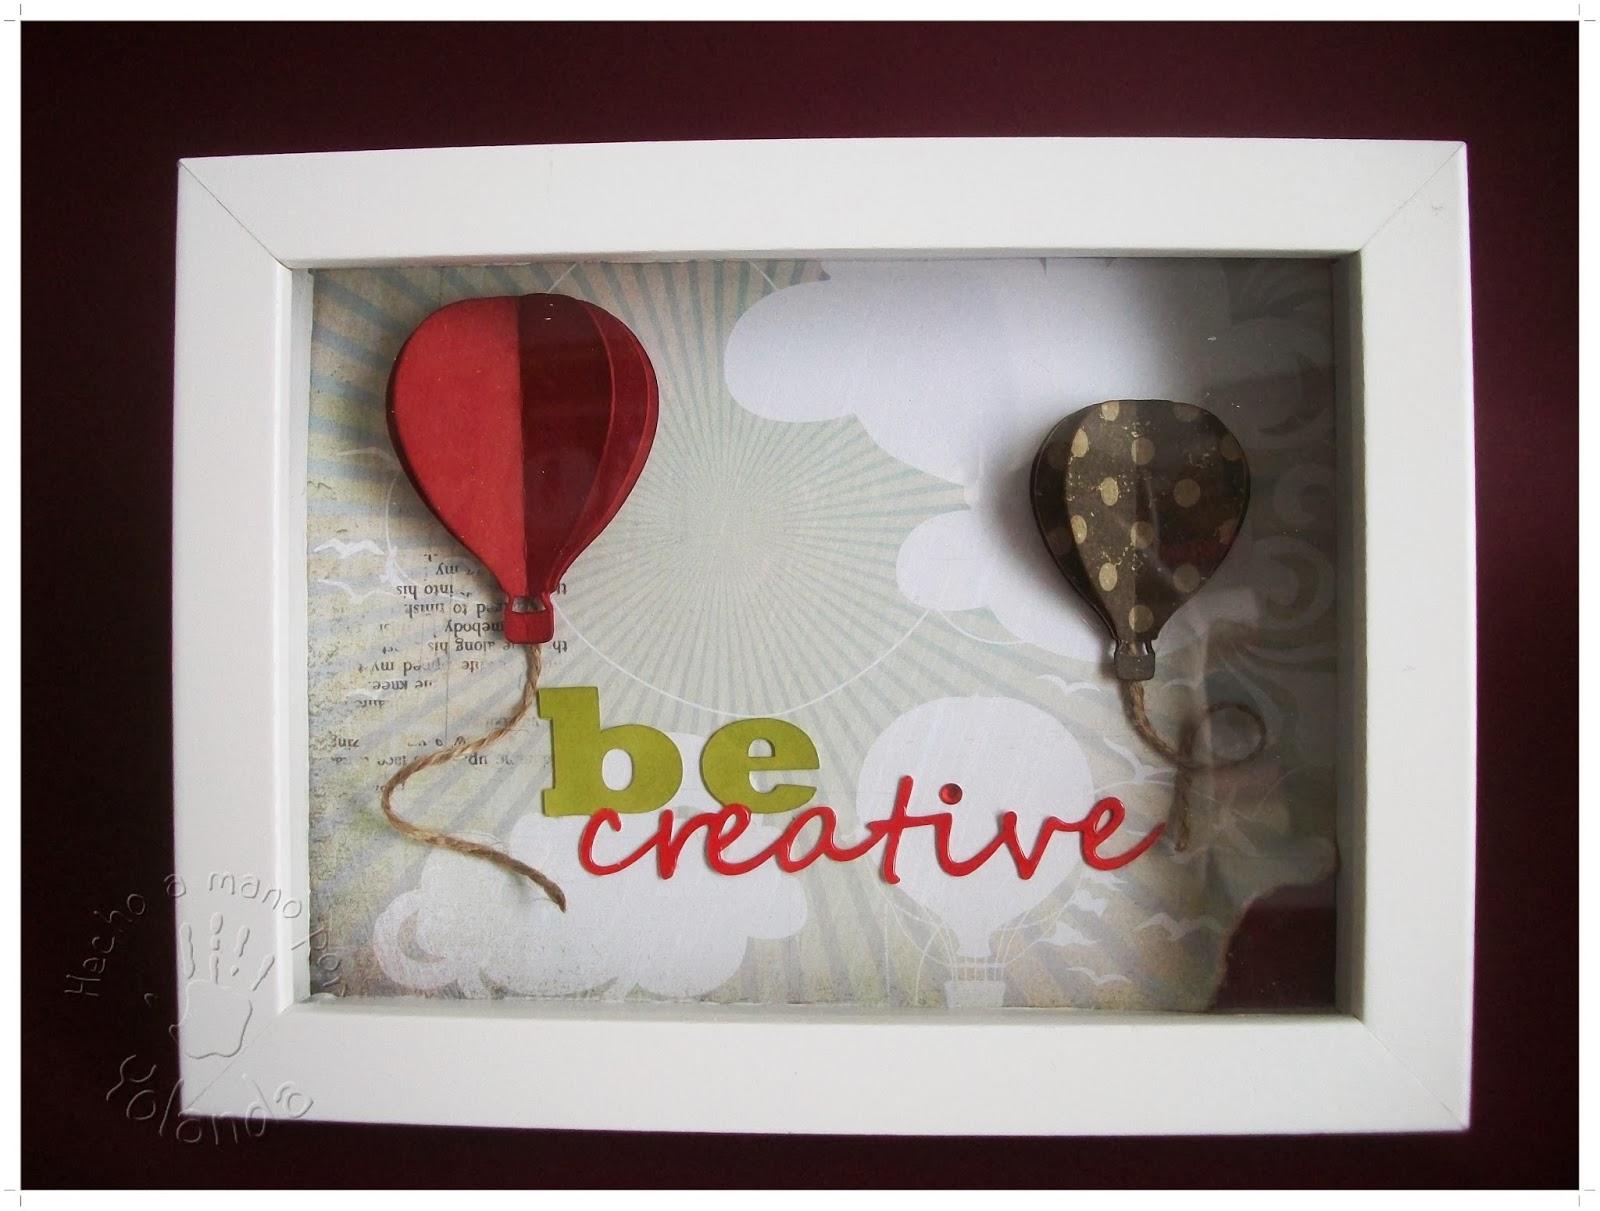 El sitio de mi recreo: Be creative Frame